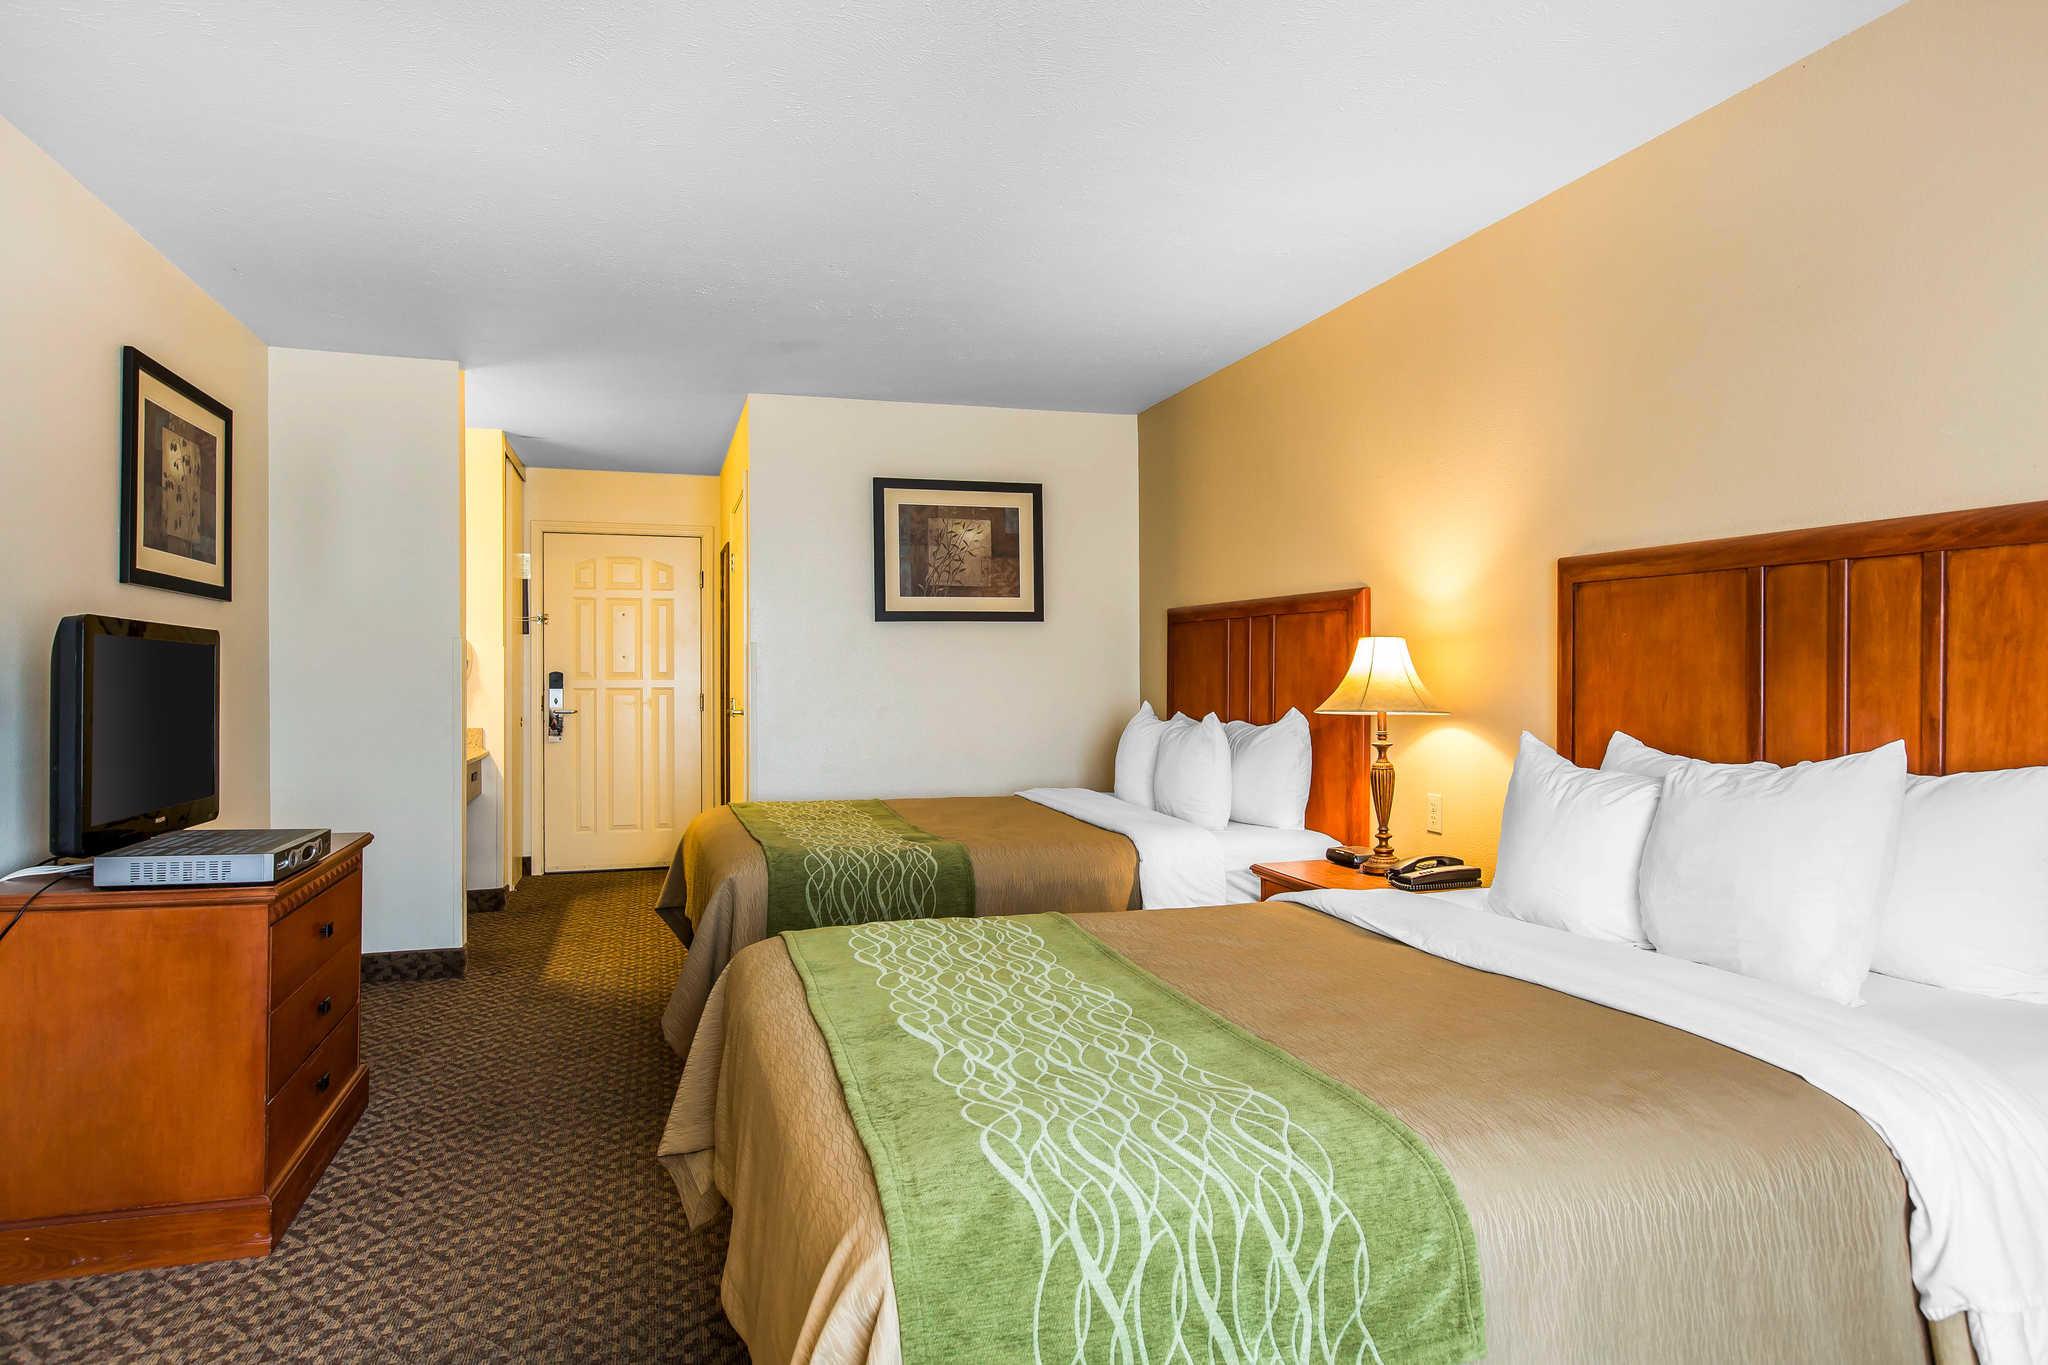 Comfort Inn & Suites El Centro I-8 image 11